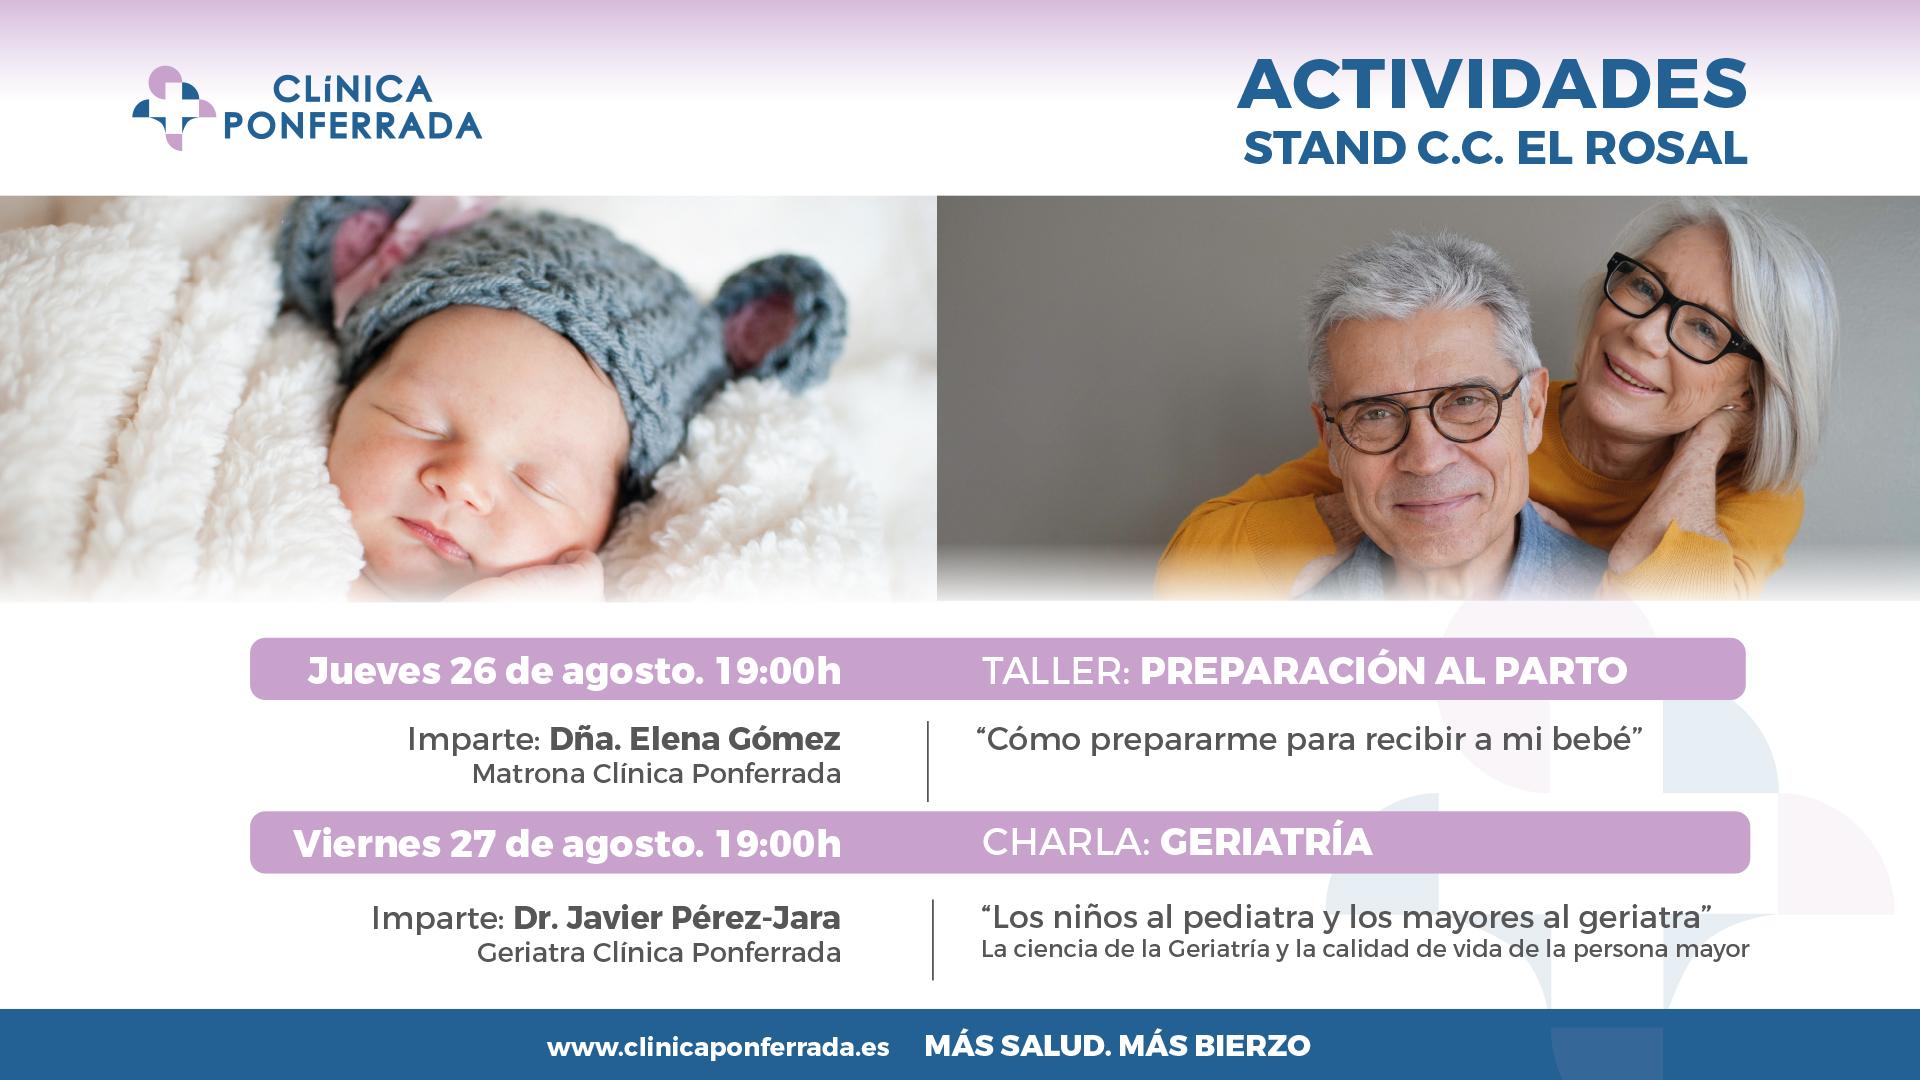 Clínica Ponferrada organiza esta semana un taller de preparación al parto y una charla sobre geriatría en el Stand de El Rosal 1